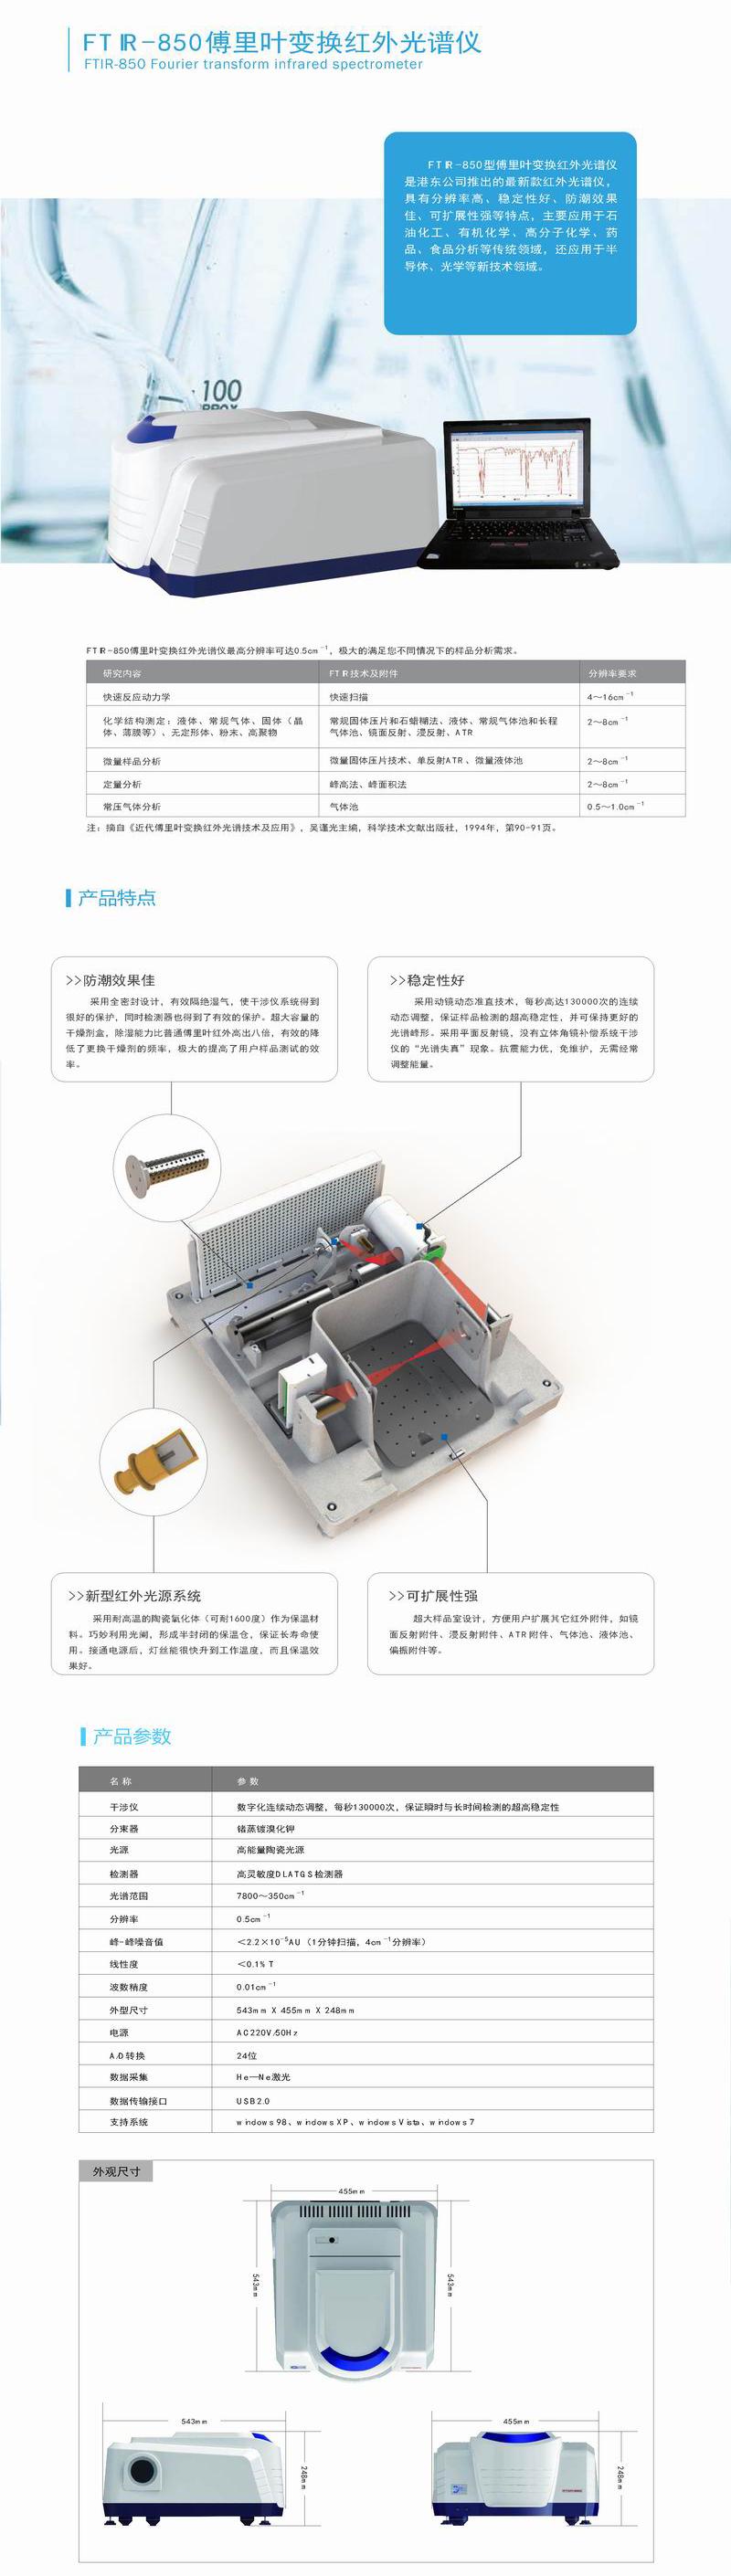 FTIR-850傅里叶变换红外光谱仪简介